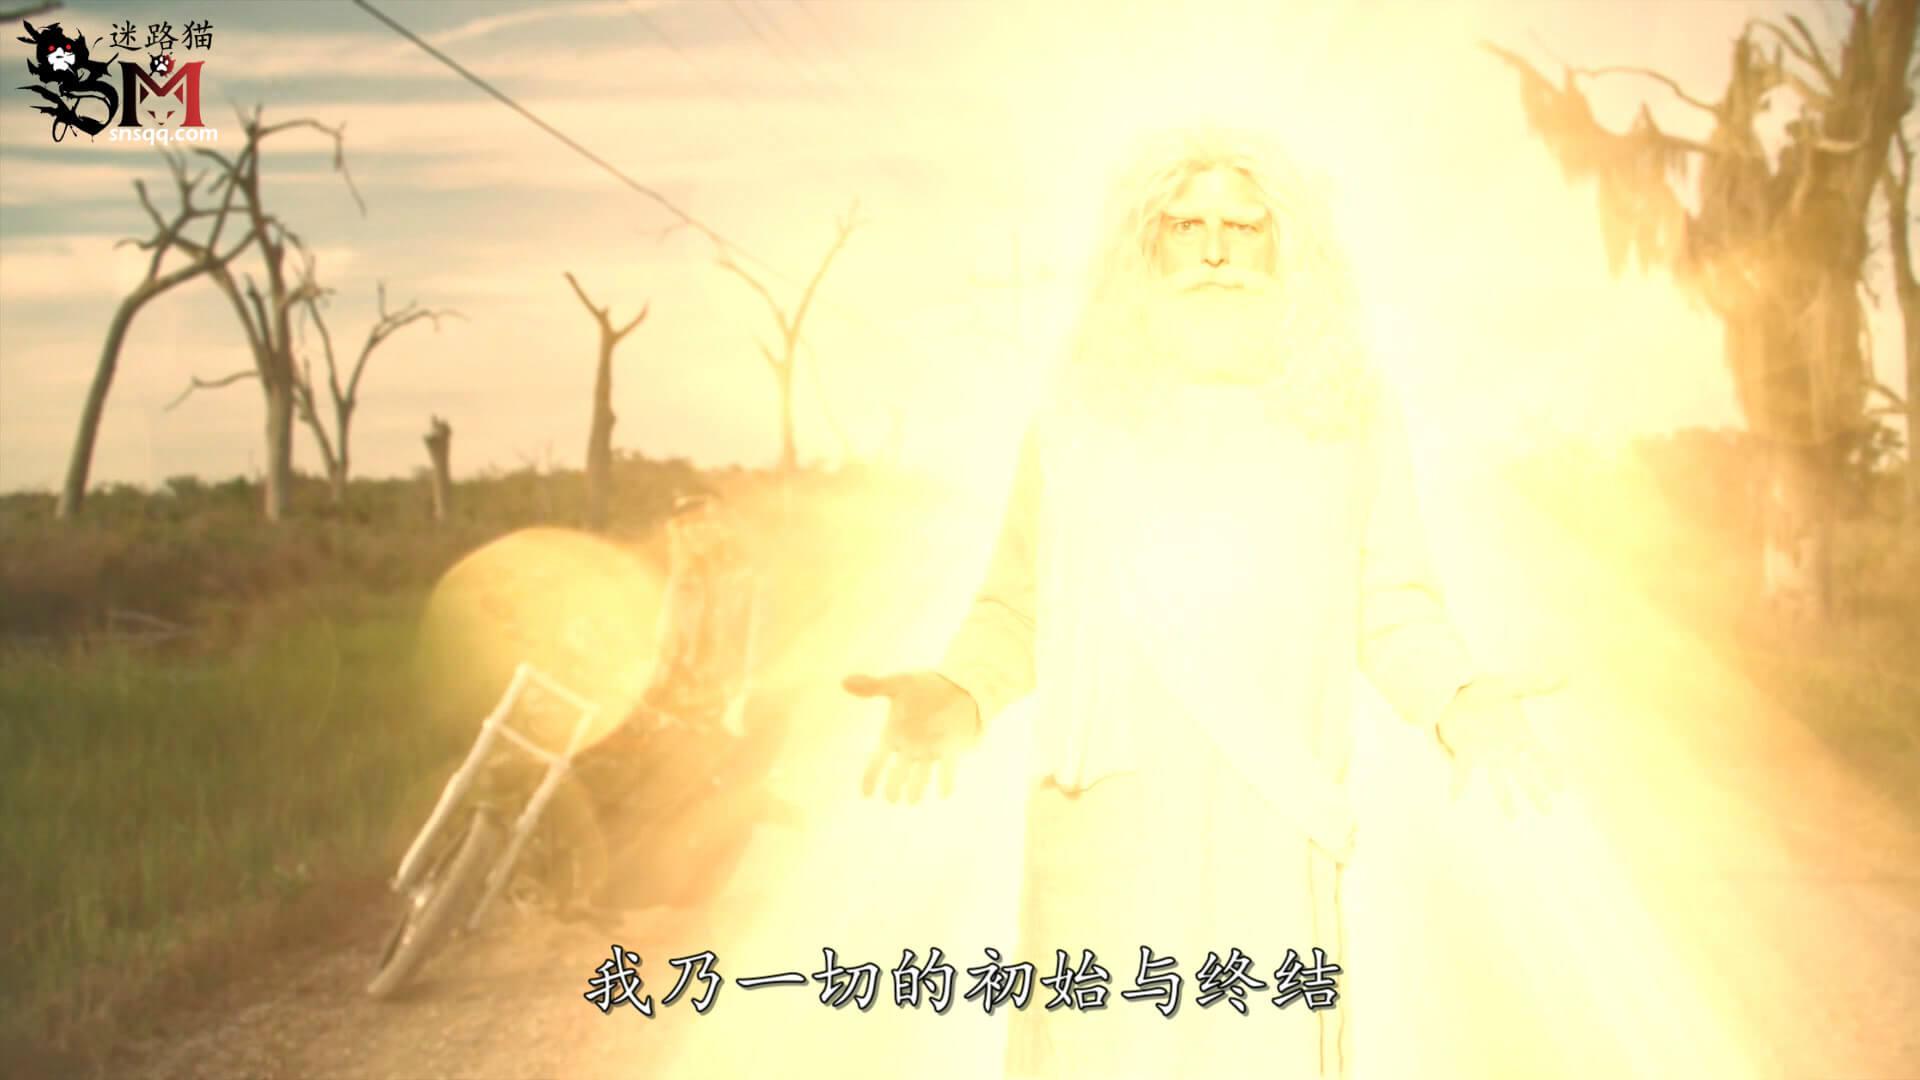 《传教士第三季》神剧中的canine,异装癖之神